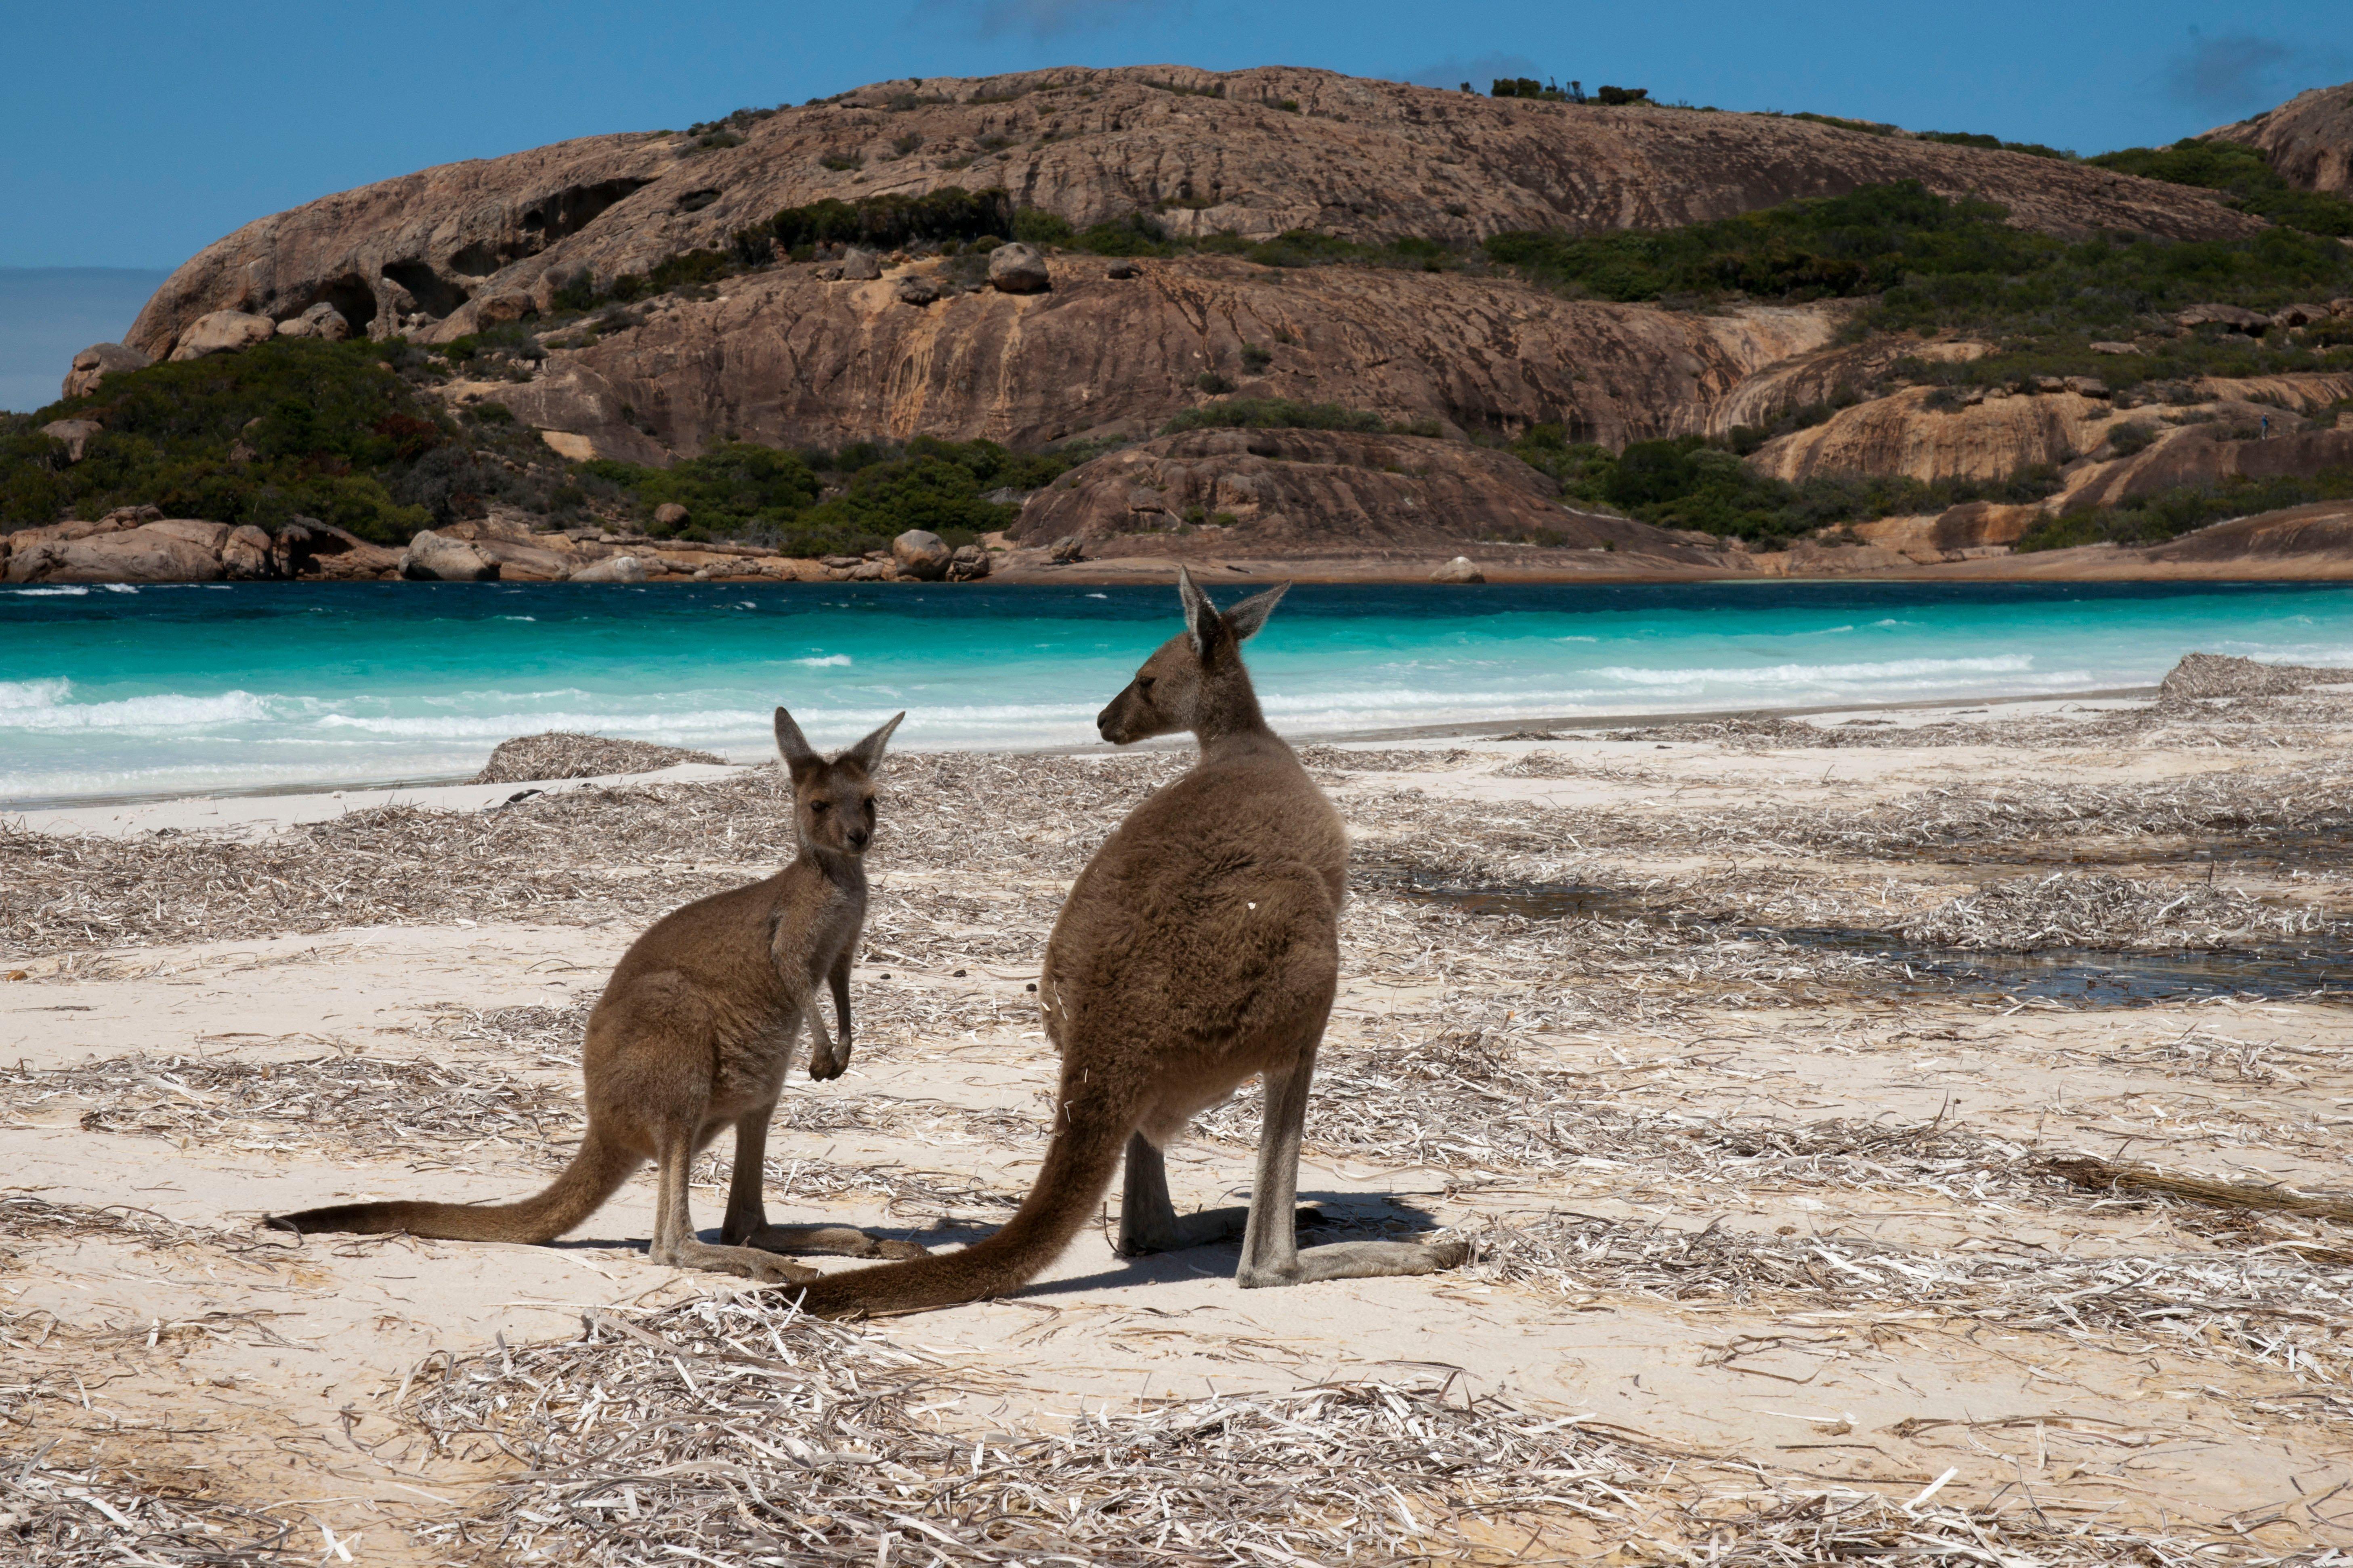 Nyugat-Ausztrália Körutazás Nyugat- Ausztrália #cecab018-824c-49c6-a924-dd47f0adb004